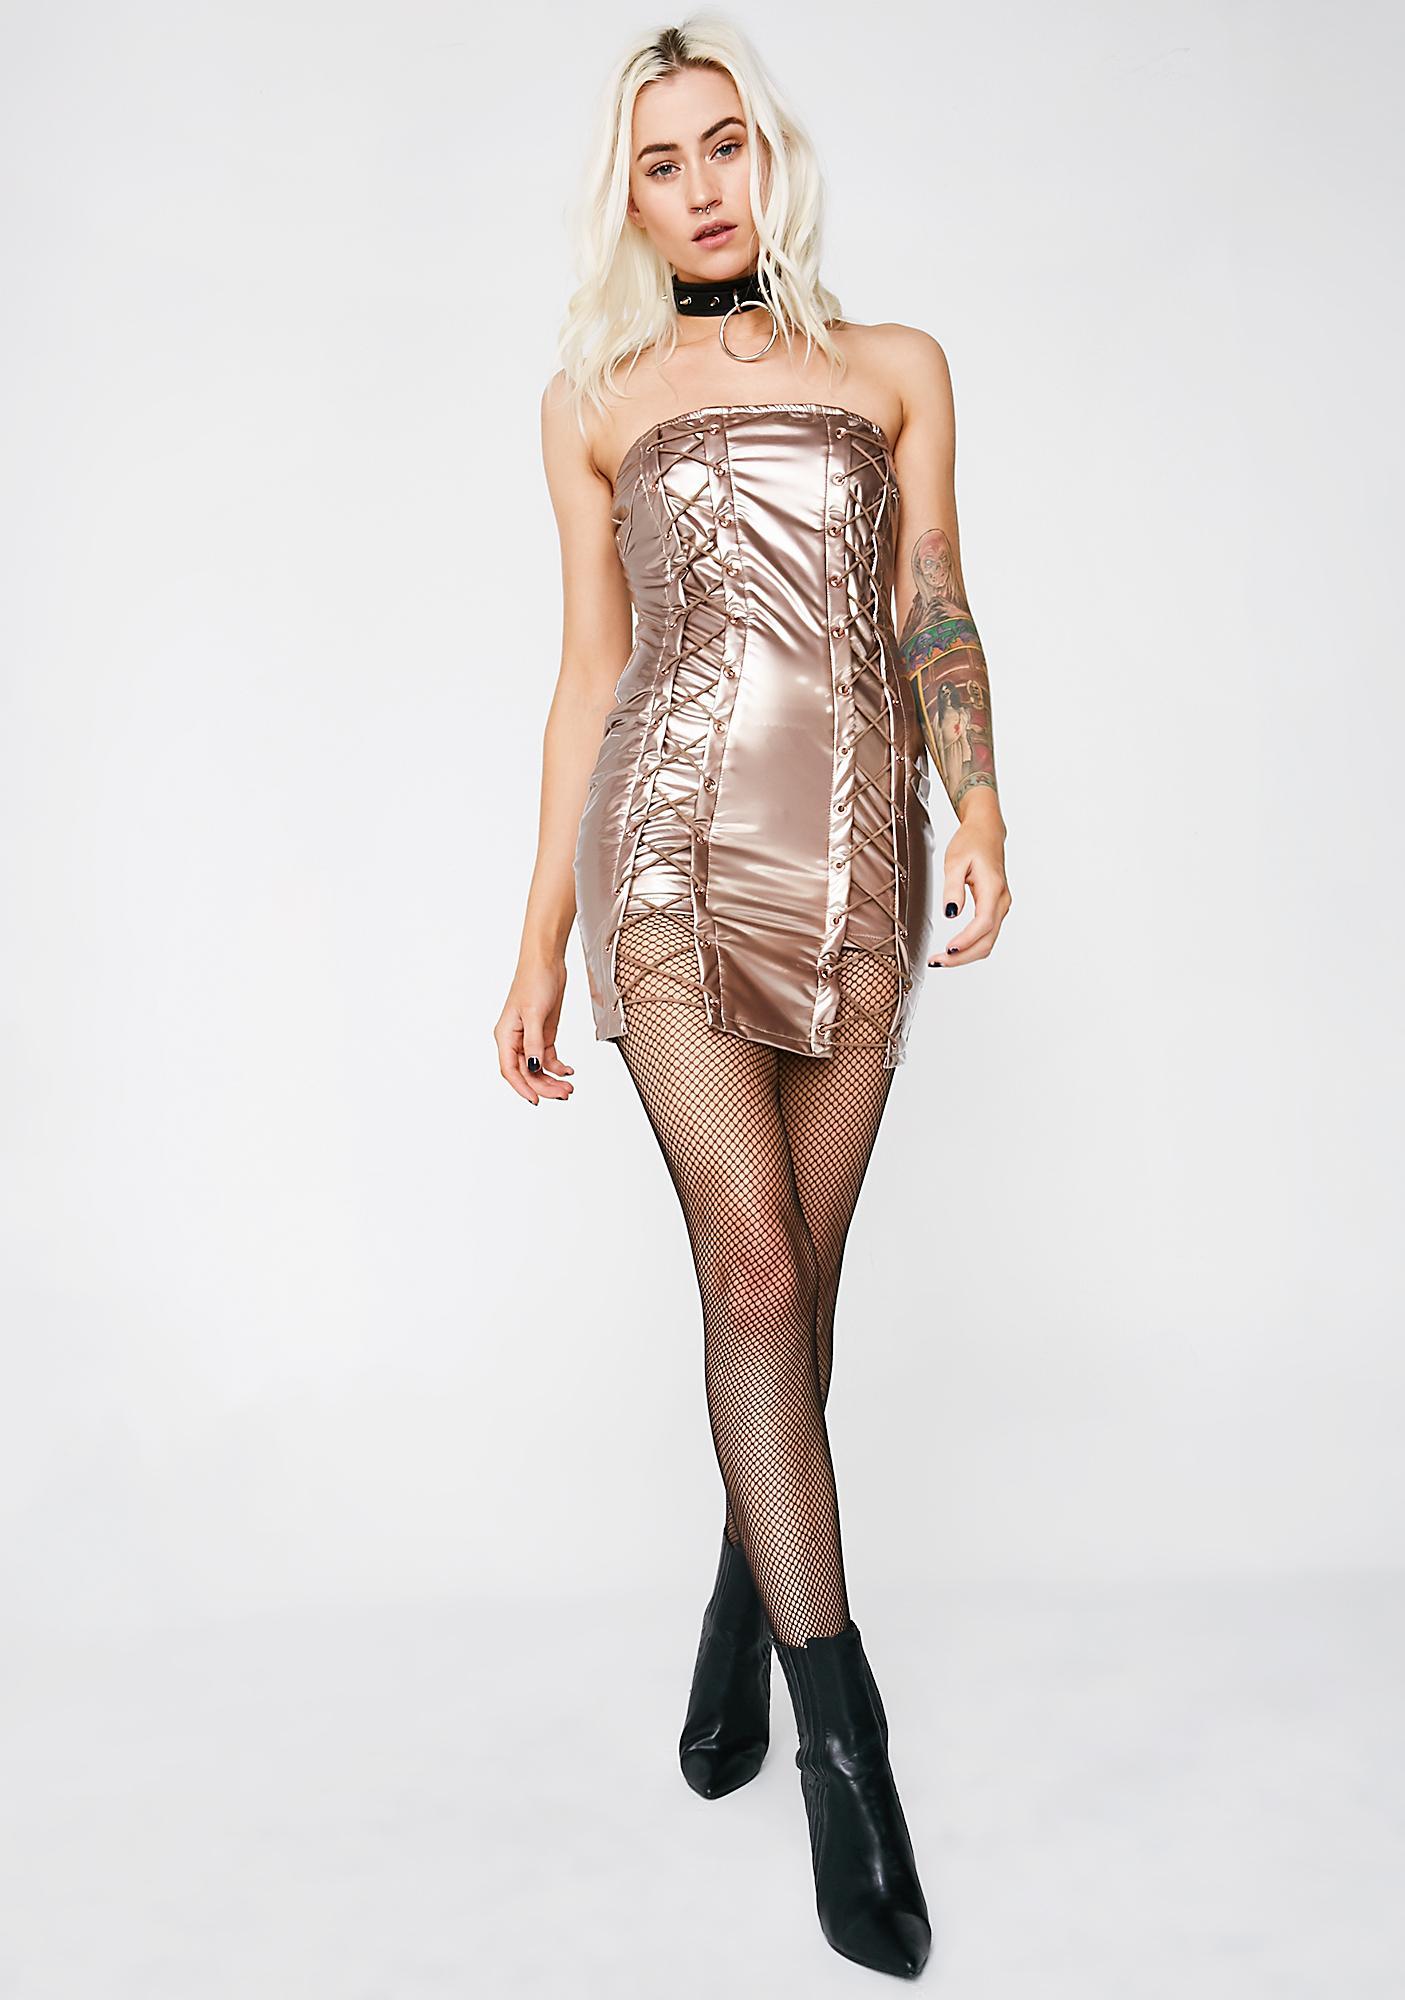 Rose Gold Come N' Get Me Vinyl Dress